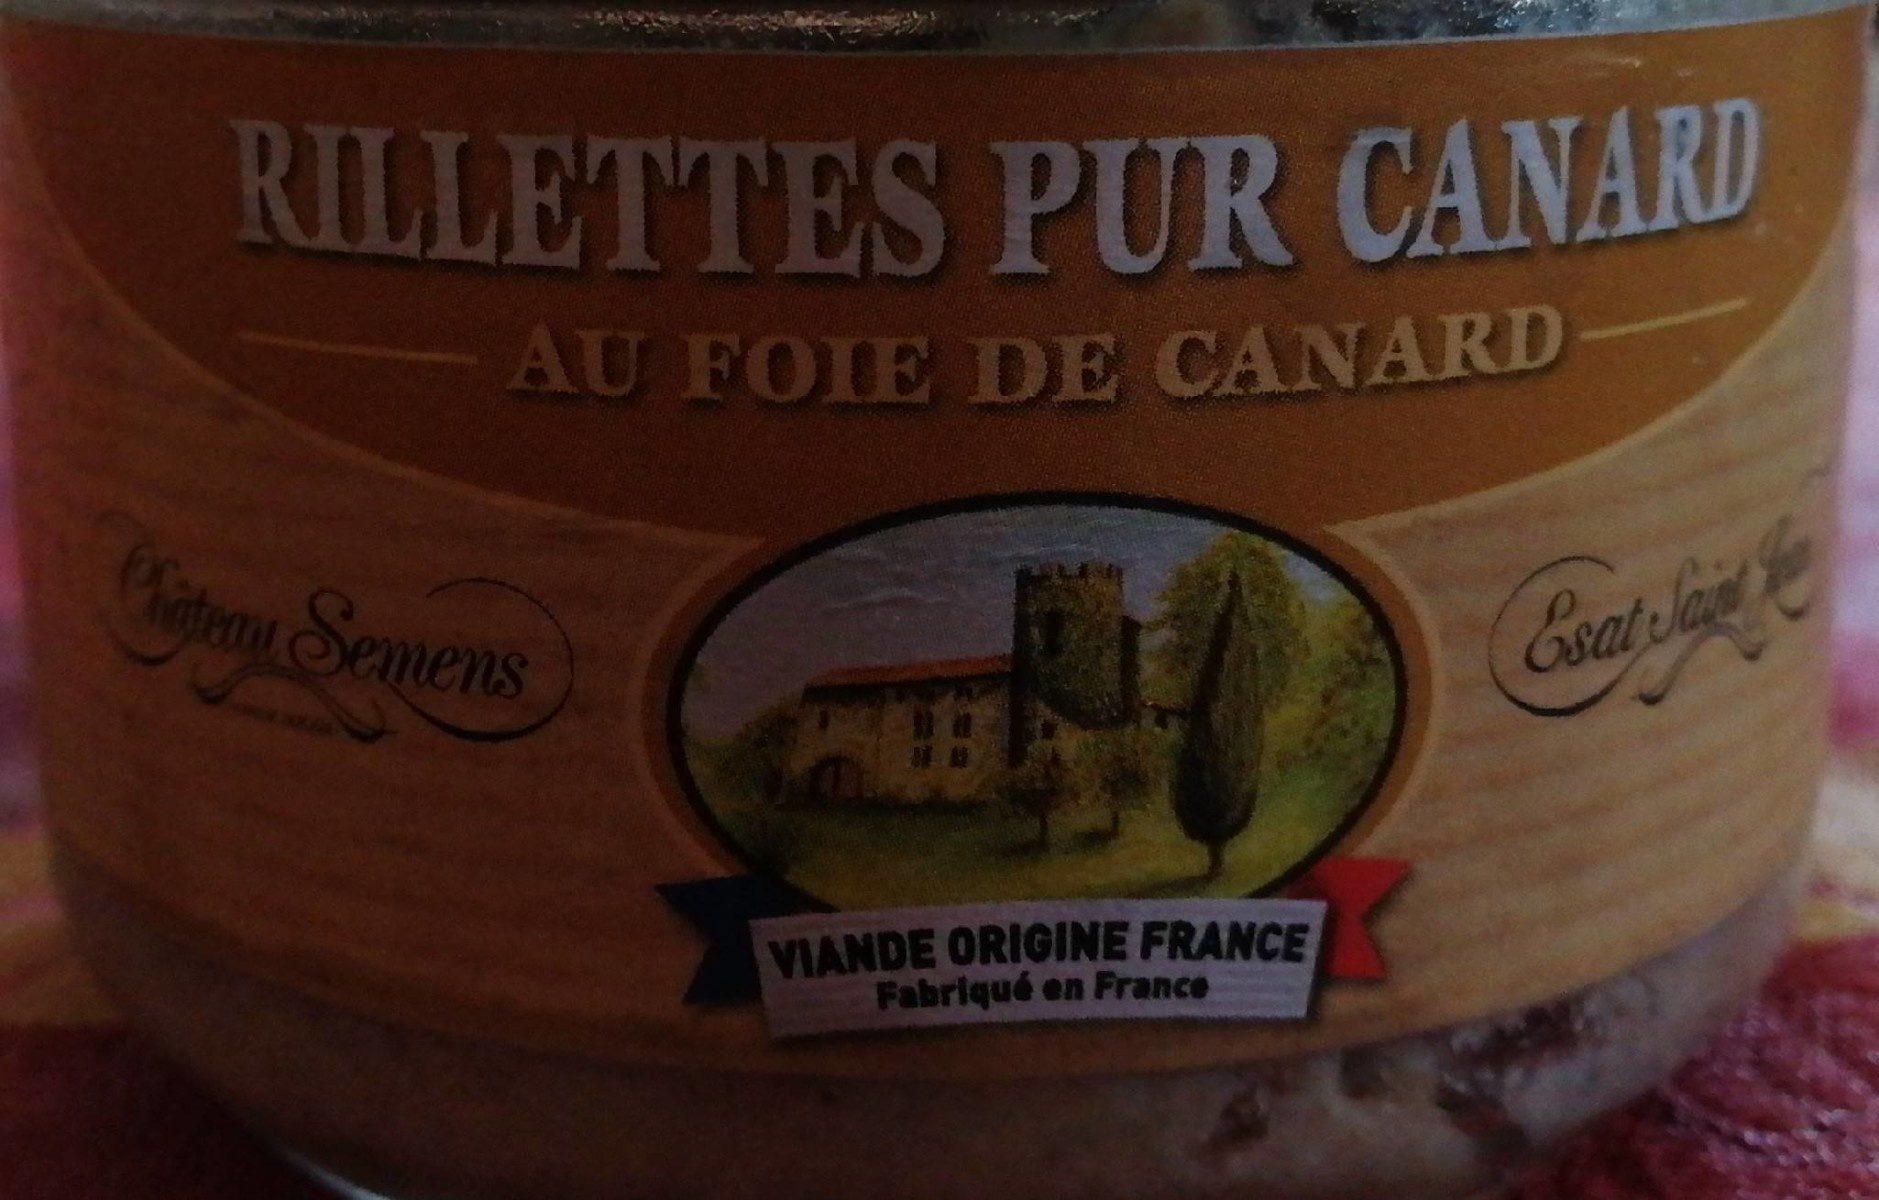 Rillettes Pur Canard au Foie de Canard - Produit - fr